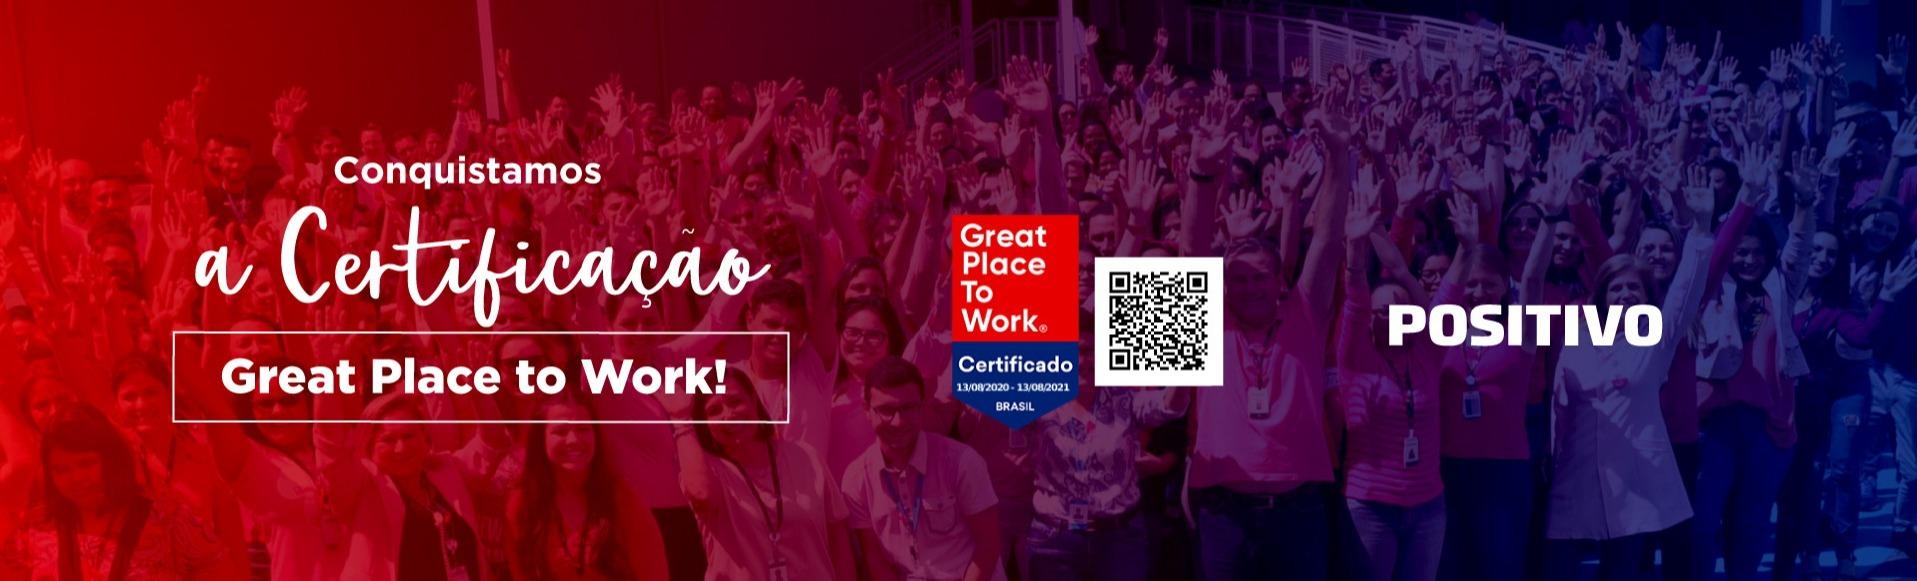 TECNICO EM INFORMATICA - LABORATÓRIO (BELO HORIZONTE/MG)